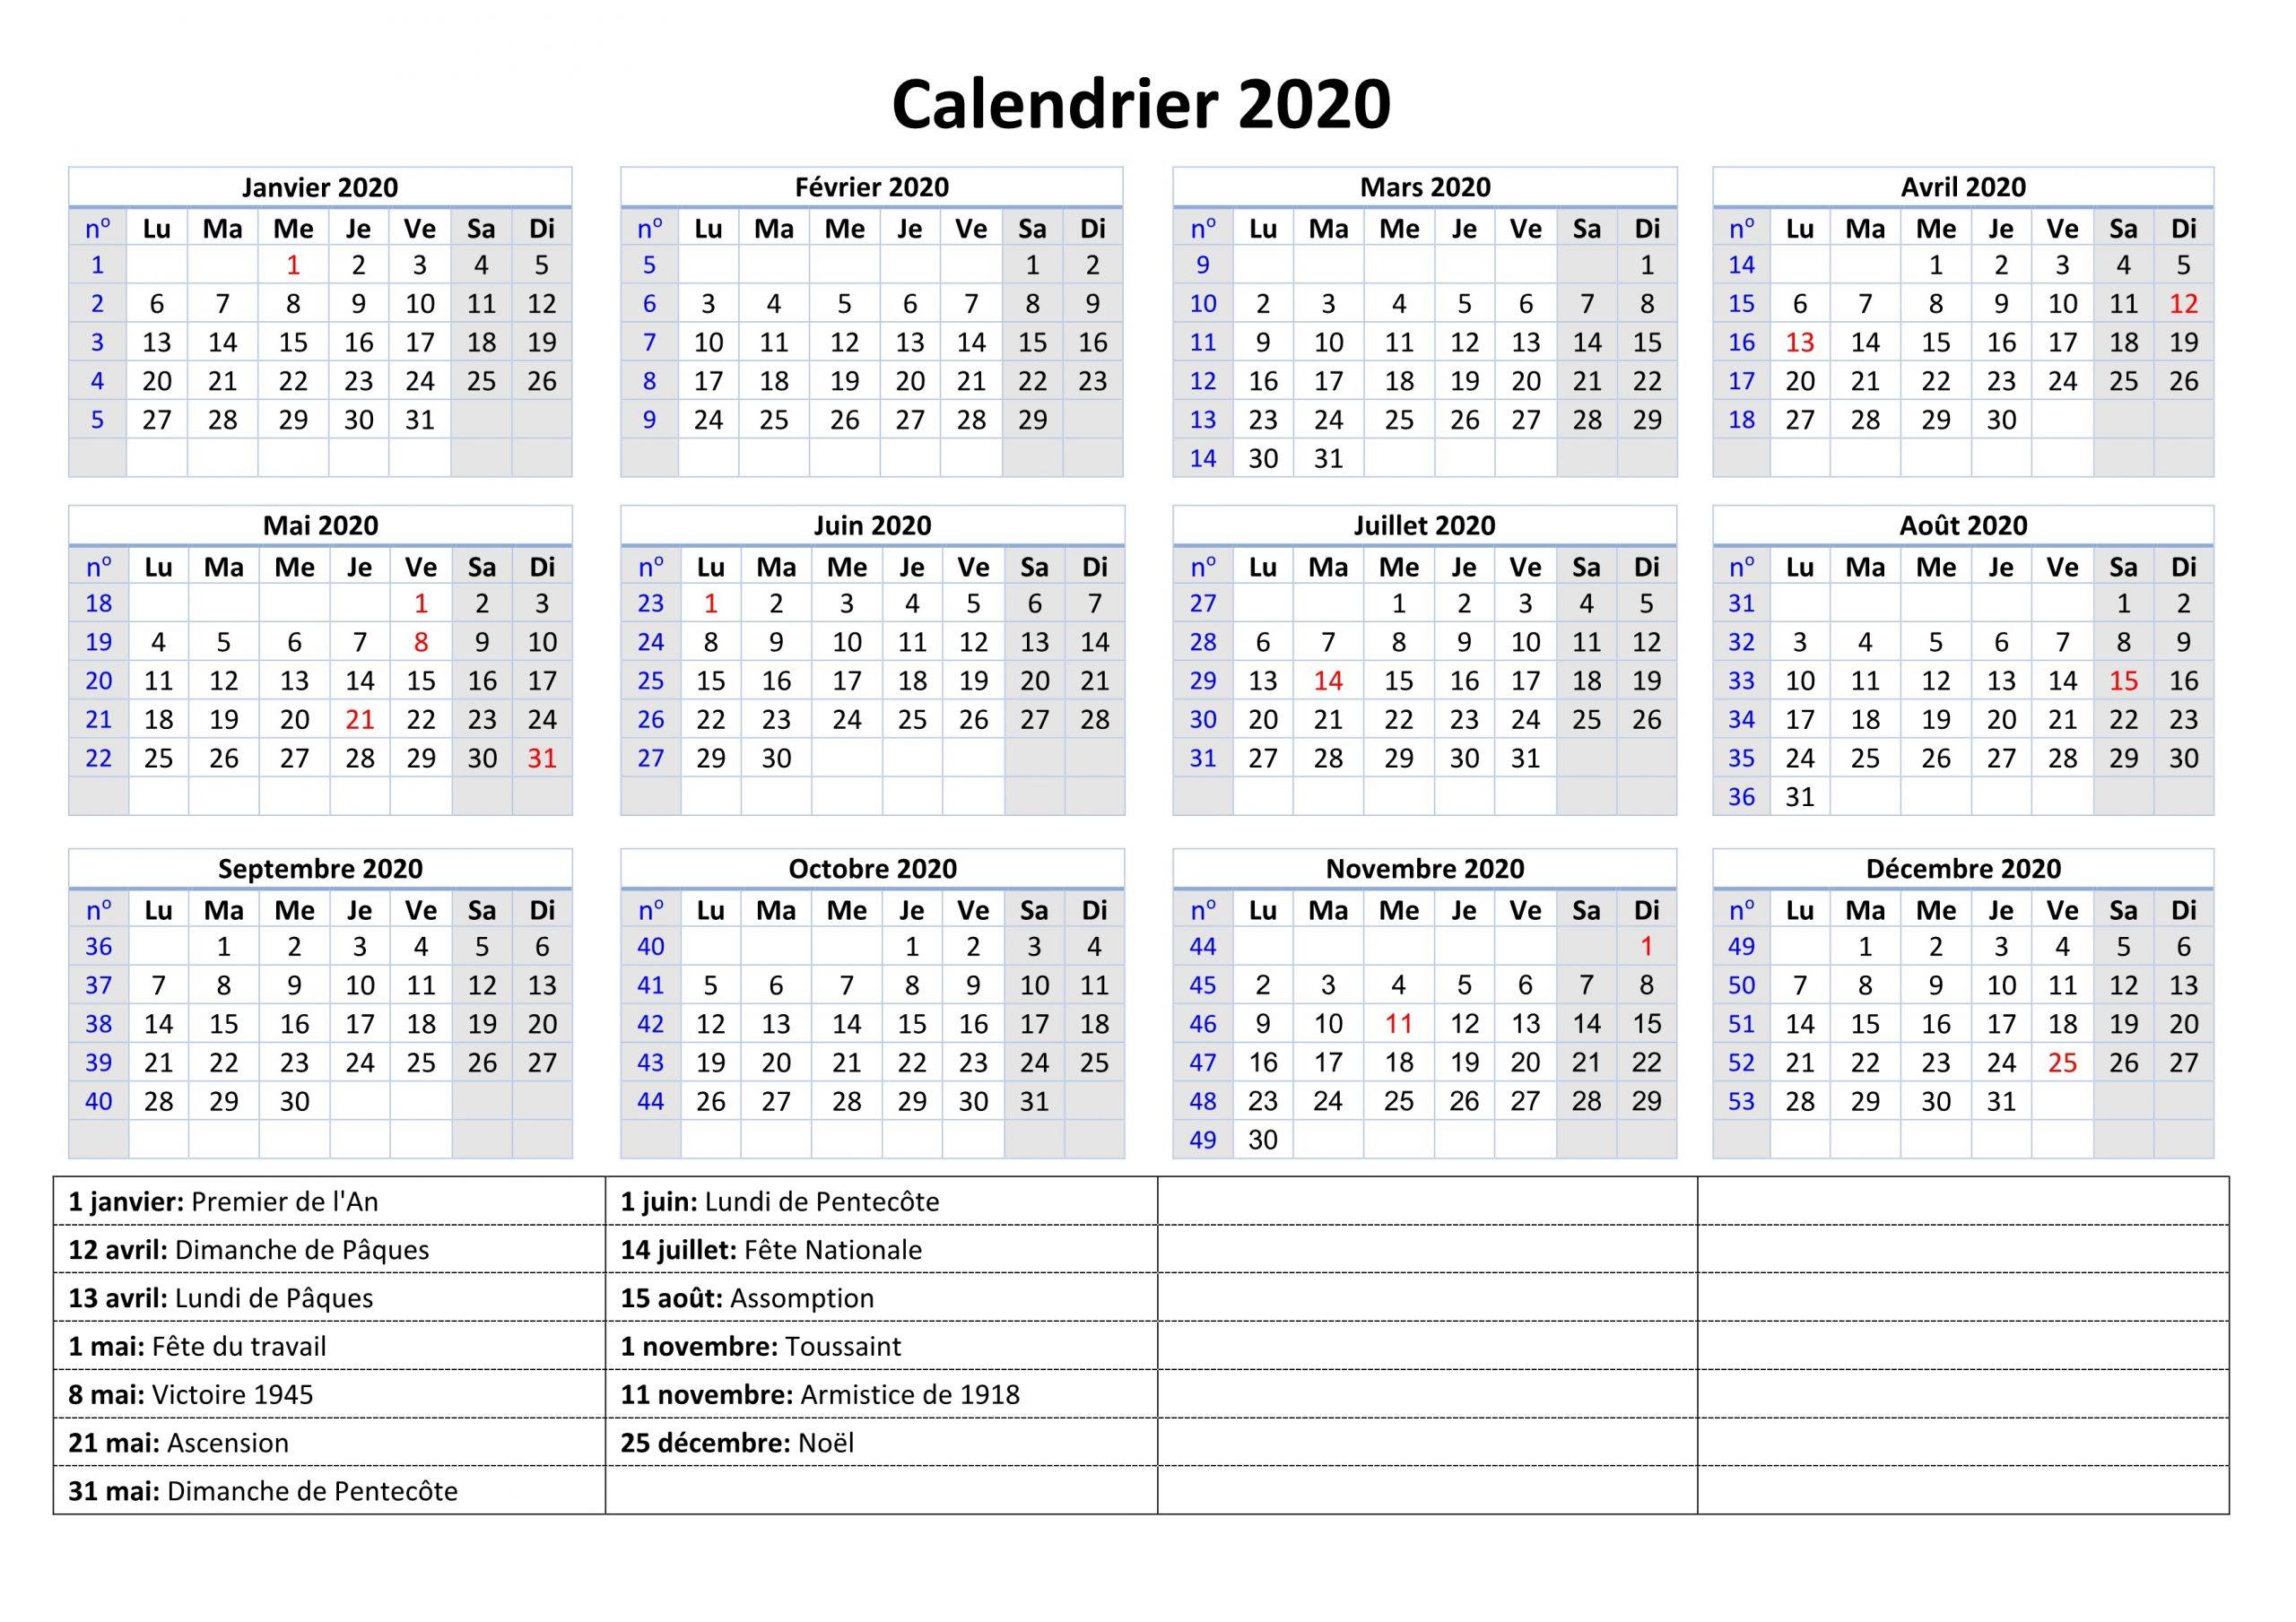 Calendrier 2020 Semaine Vacances Scolaires | Calendrier 2020 intérieur Calendrier 2019 Avec Semaine